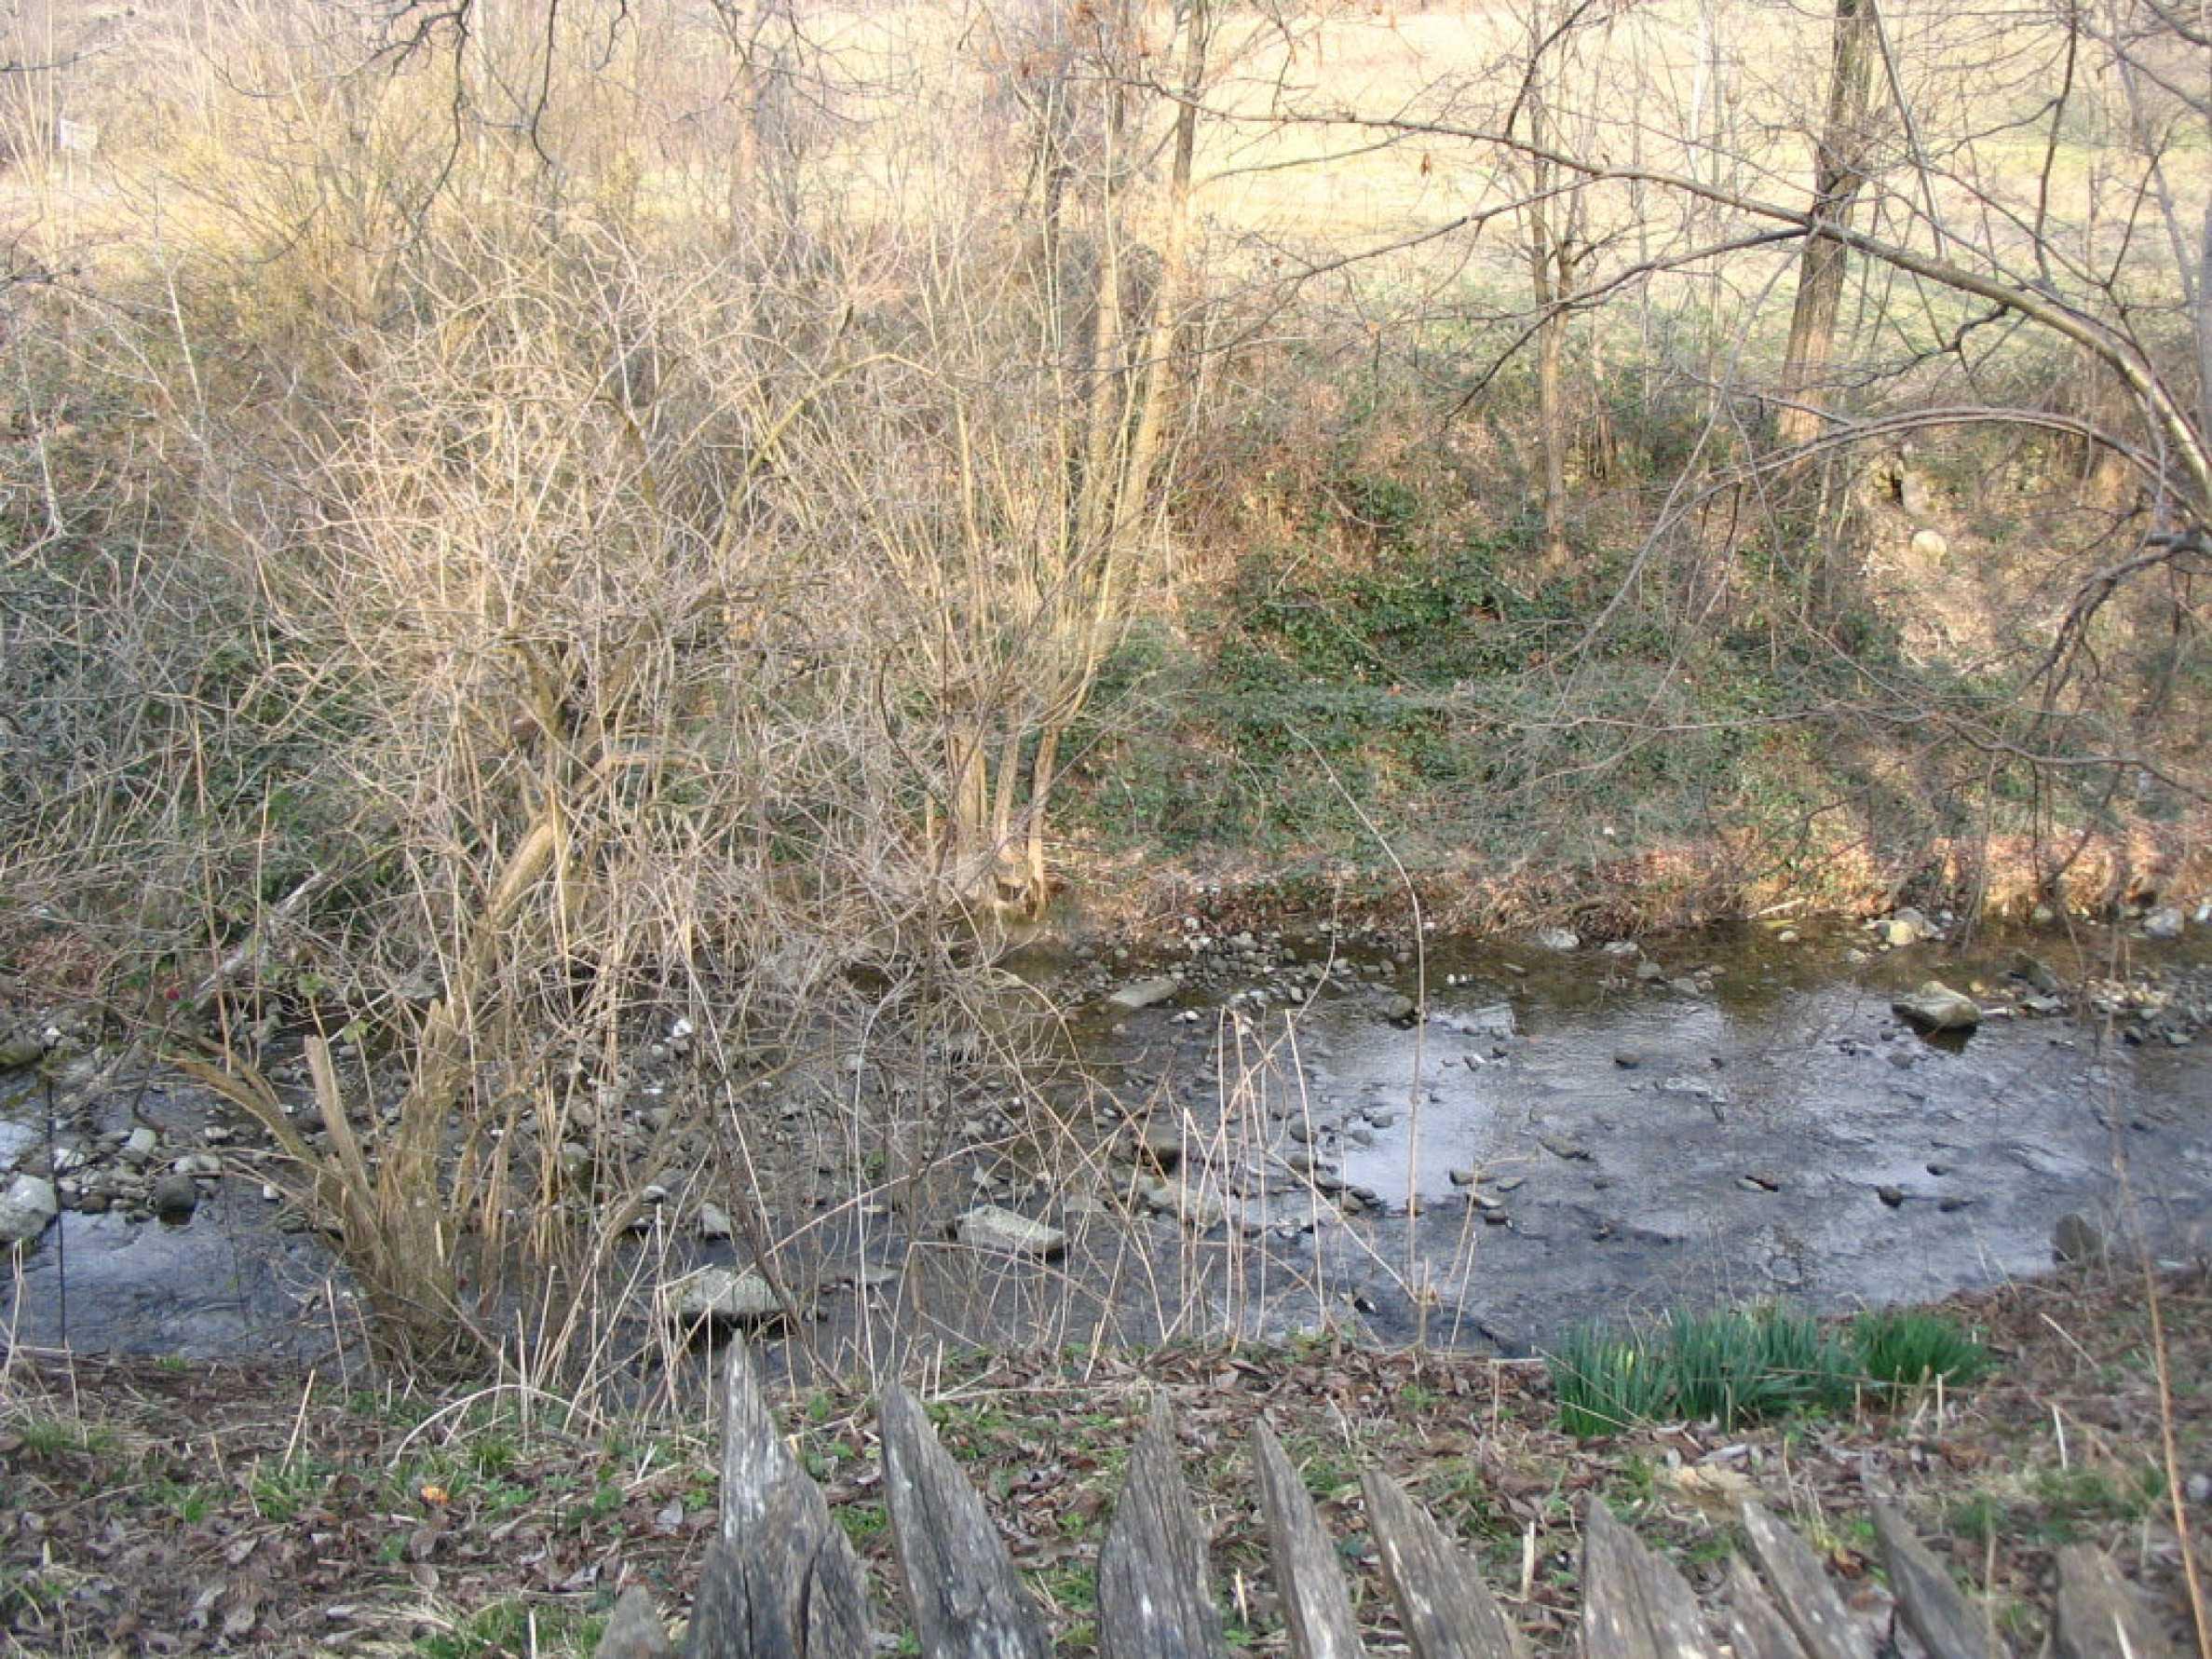 Großes Grundstück an einem Fluss 6